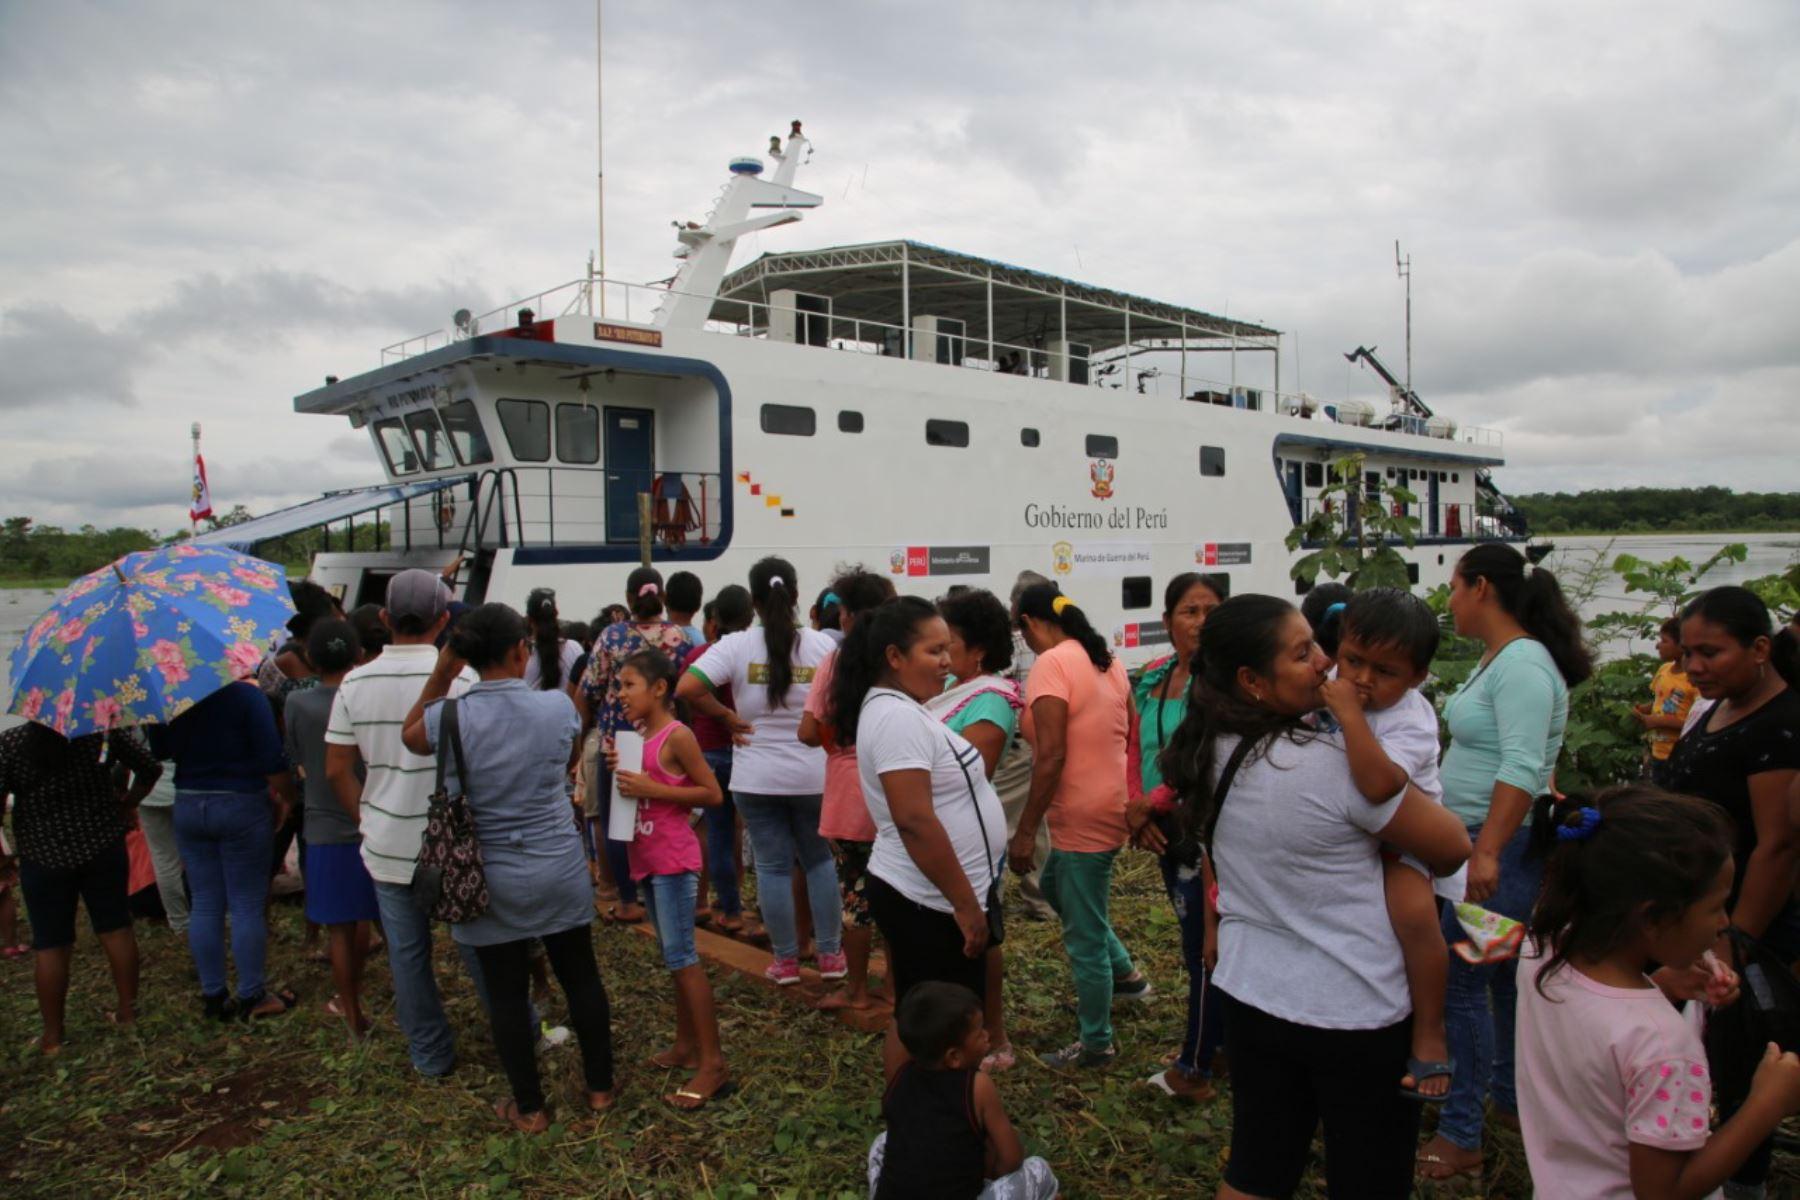 El programa PAIS coordina cinco campañas de acción social de las plataformas itinerantes de acción social (PIAS) y buques auxiliares.